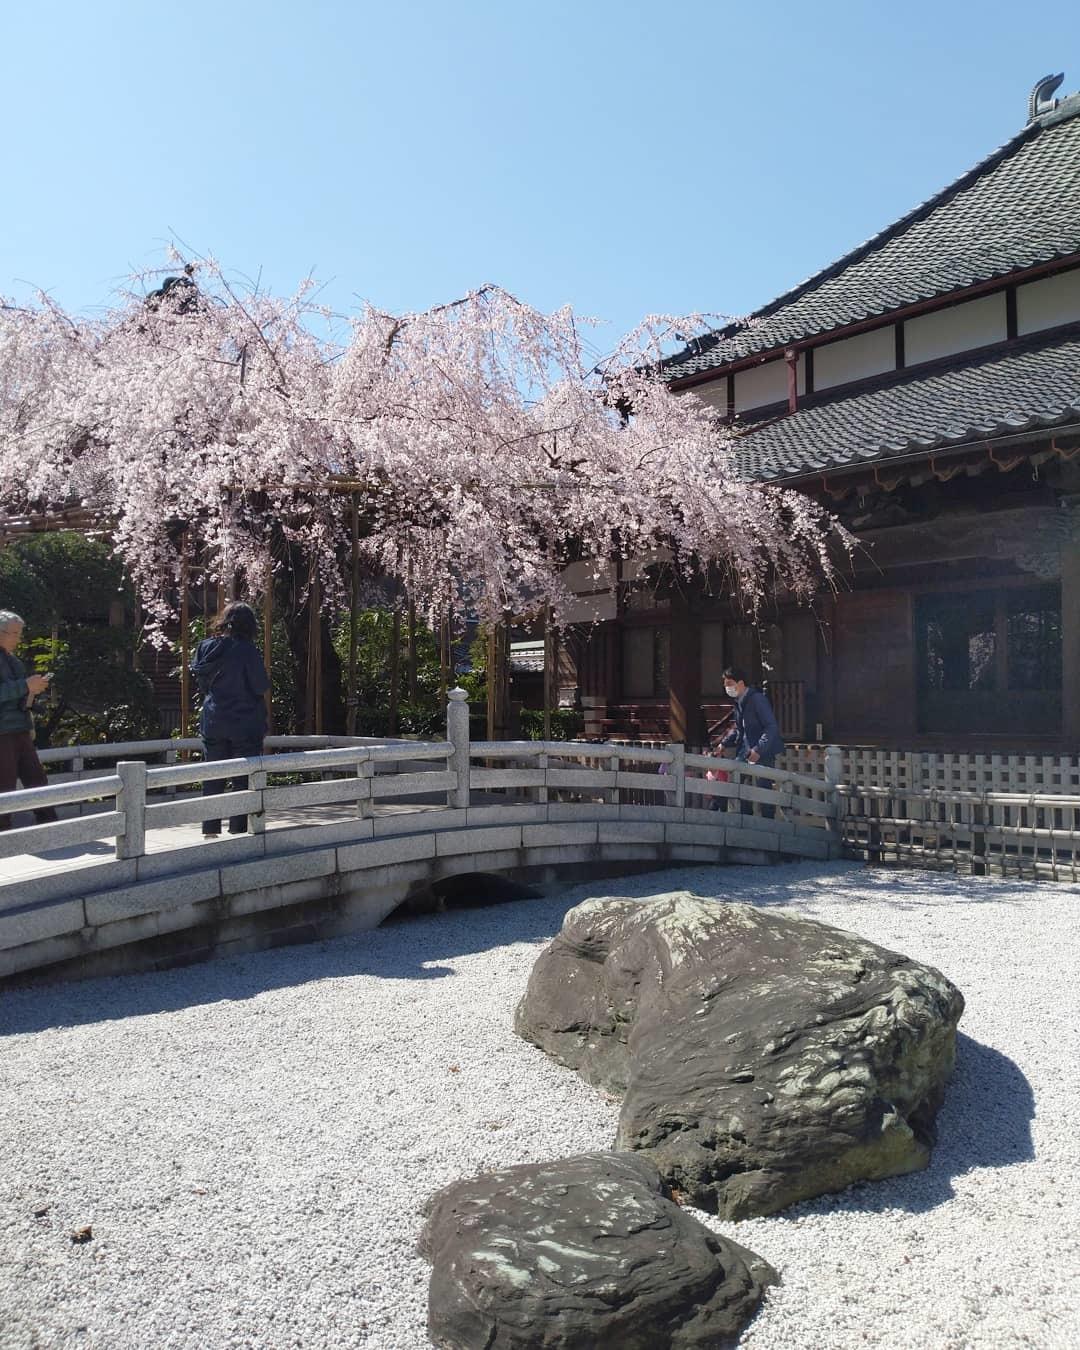 桜の季節_b0224770_21573778.jpg